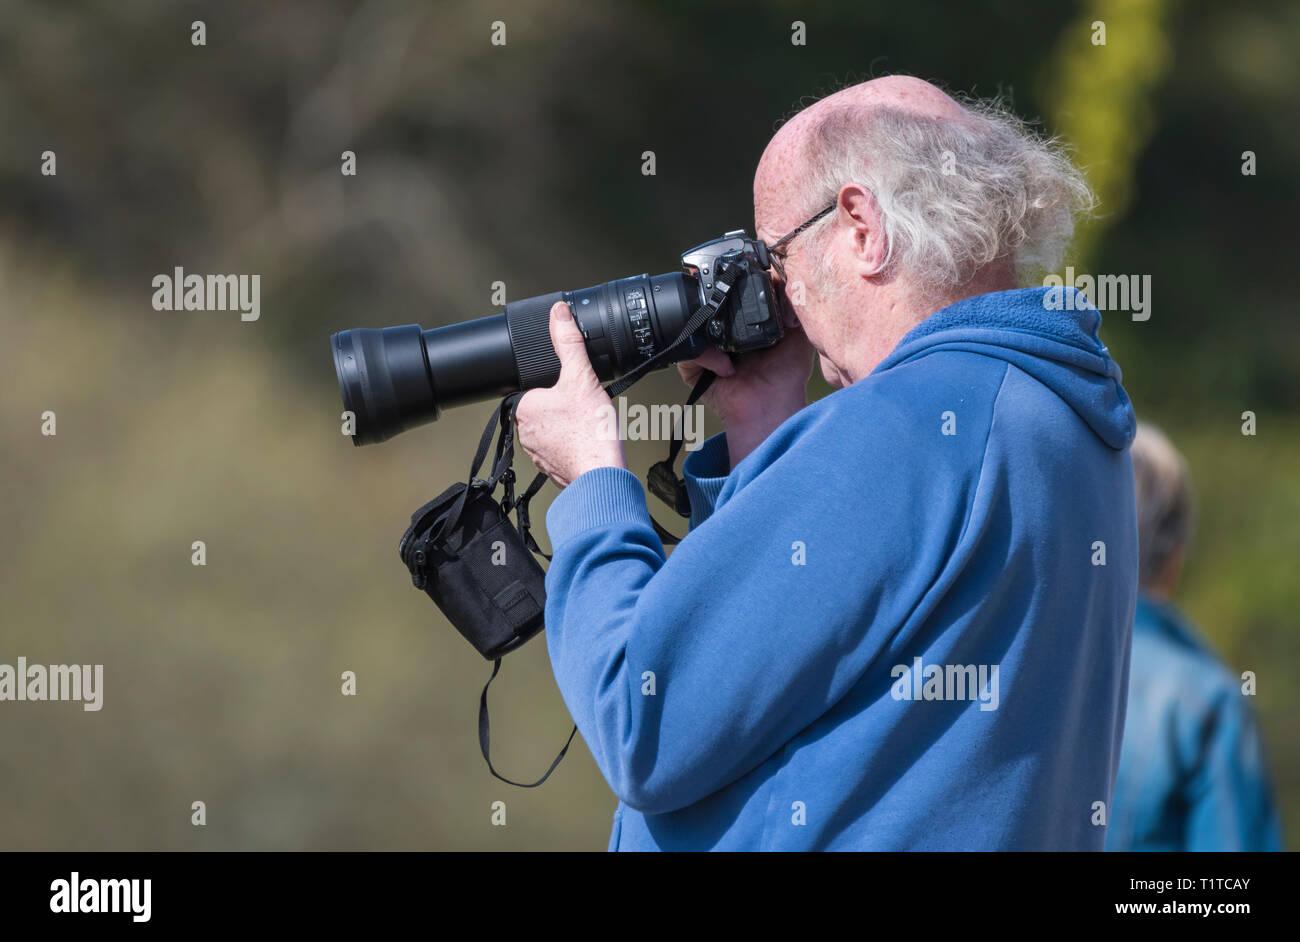 Uomo senior di scattare fotografie con una reflex digitale e lungo un teleobiettivo. Vista laterale dei maschi di scattare foto con una fotocamera digitale. Titolare di pensione o di rendita hobby. Immagini Stock